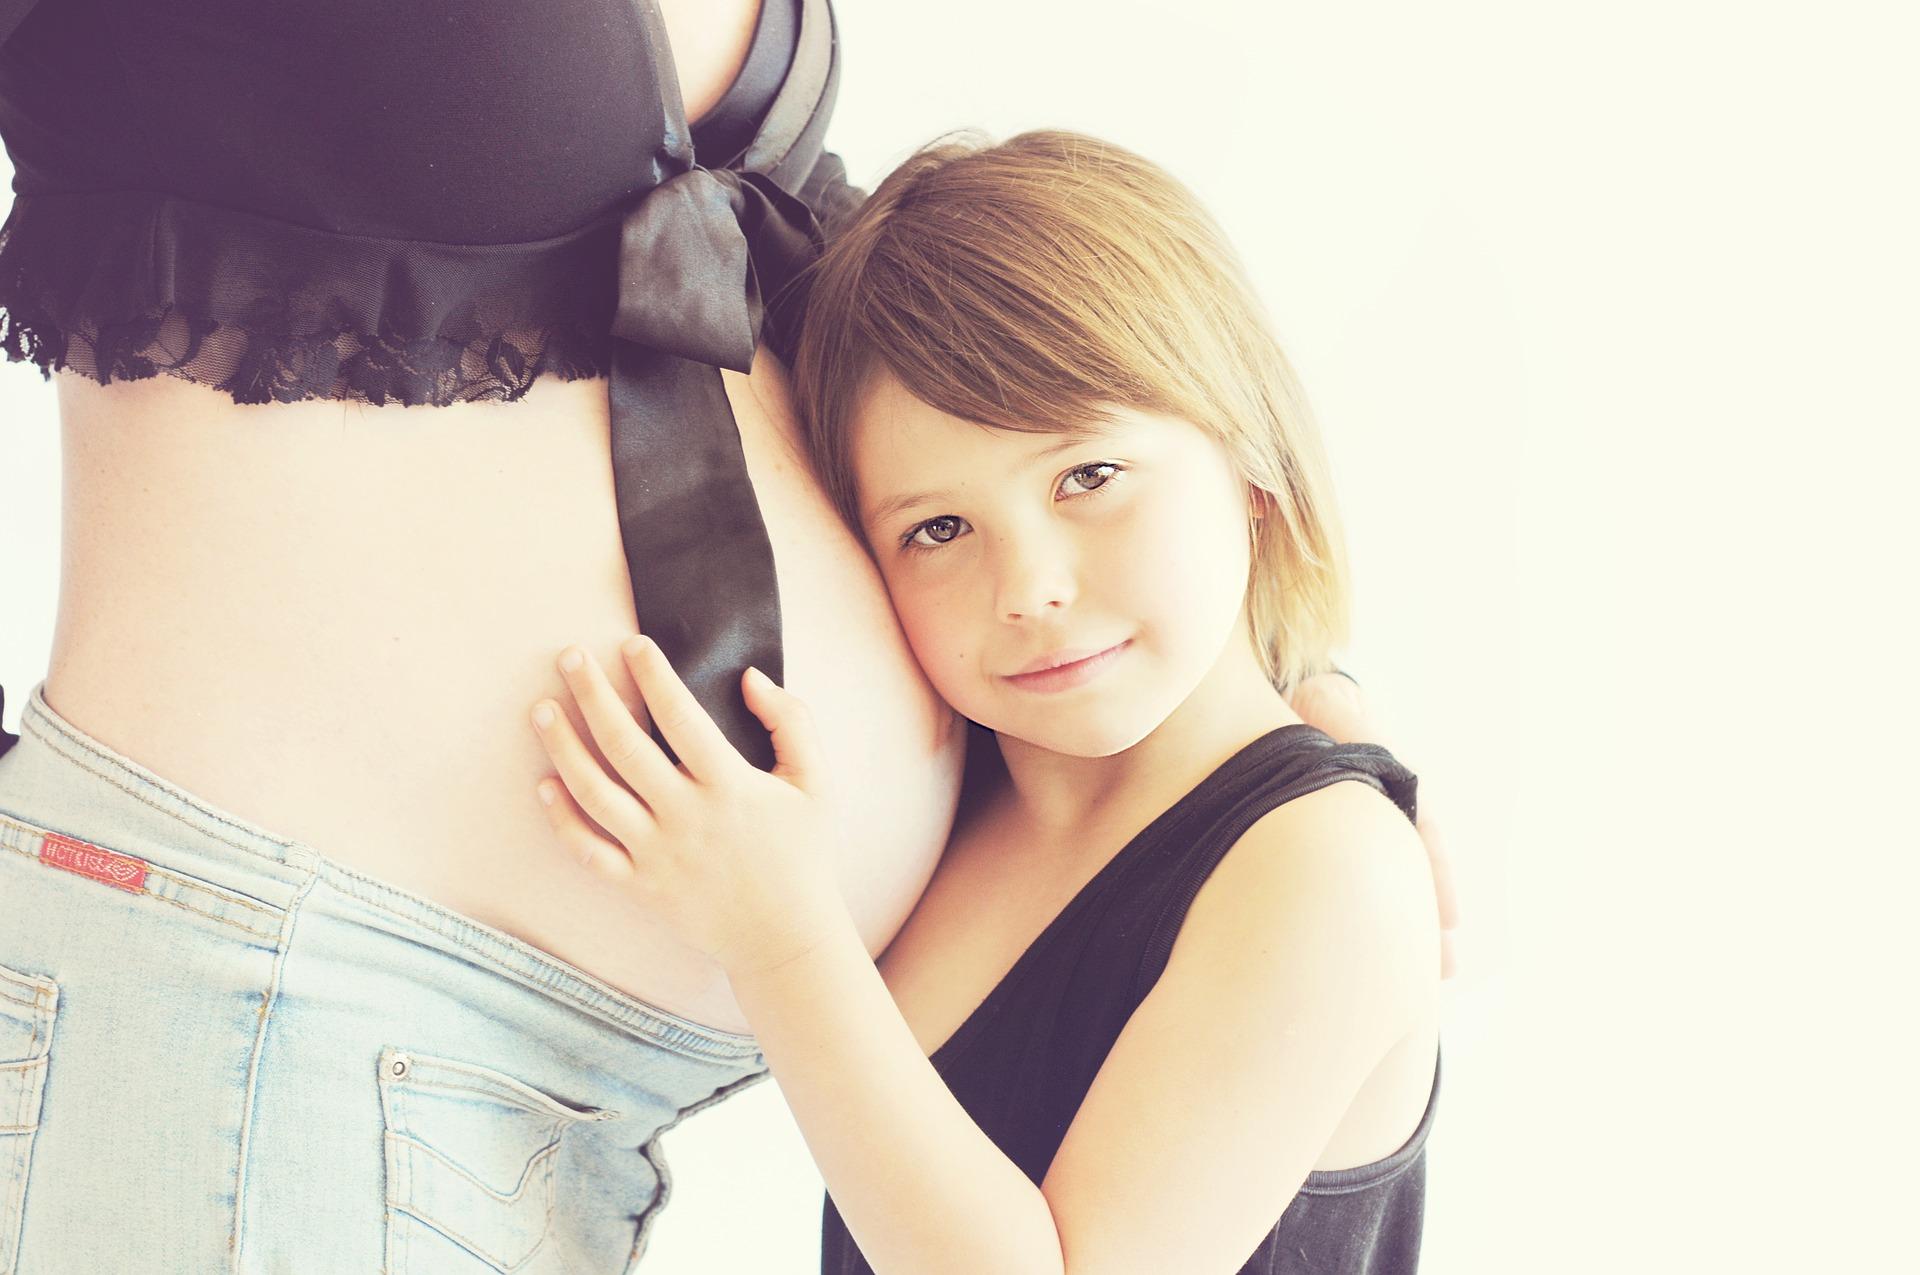 Kobiety z dwójką dzieci, znacznie częściej wypadają z rynku pracy (fot. Pixabay)